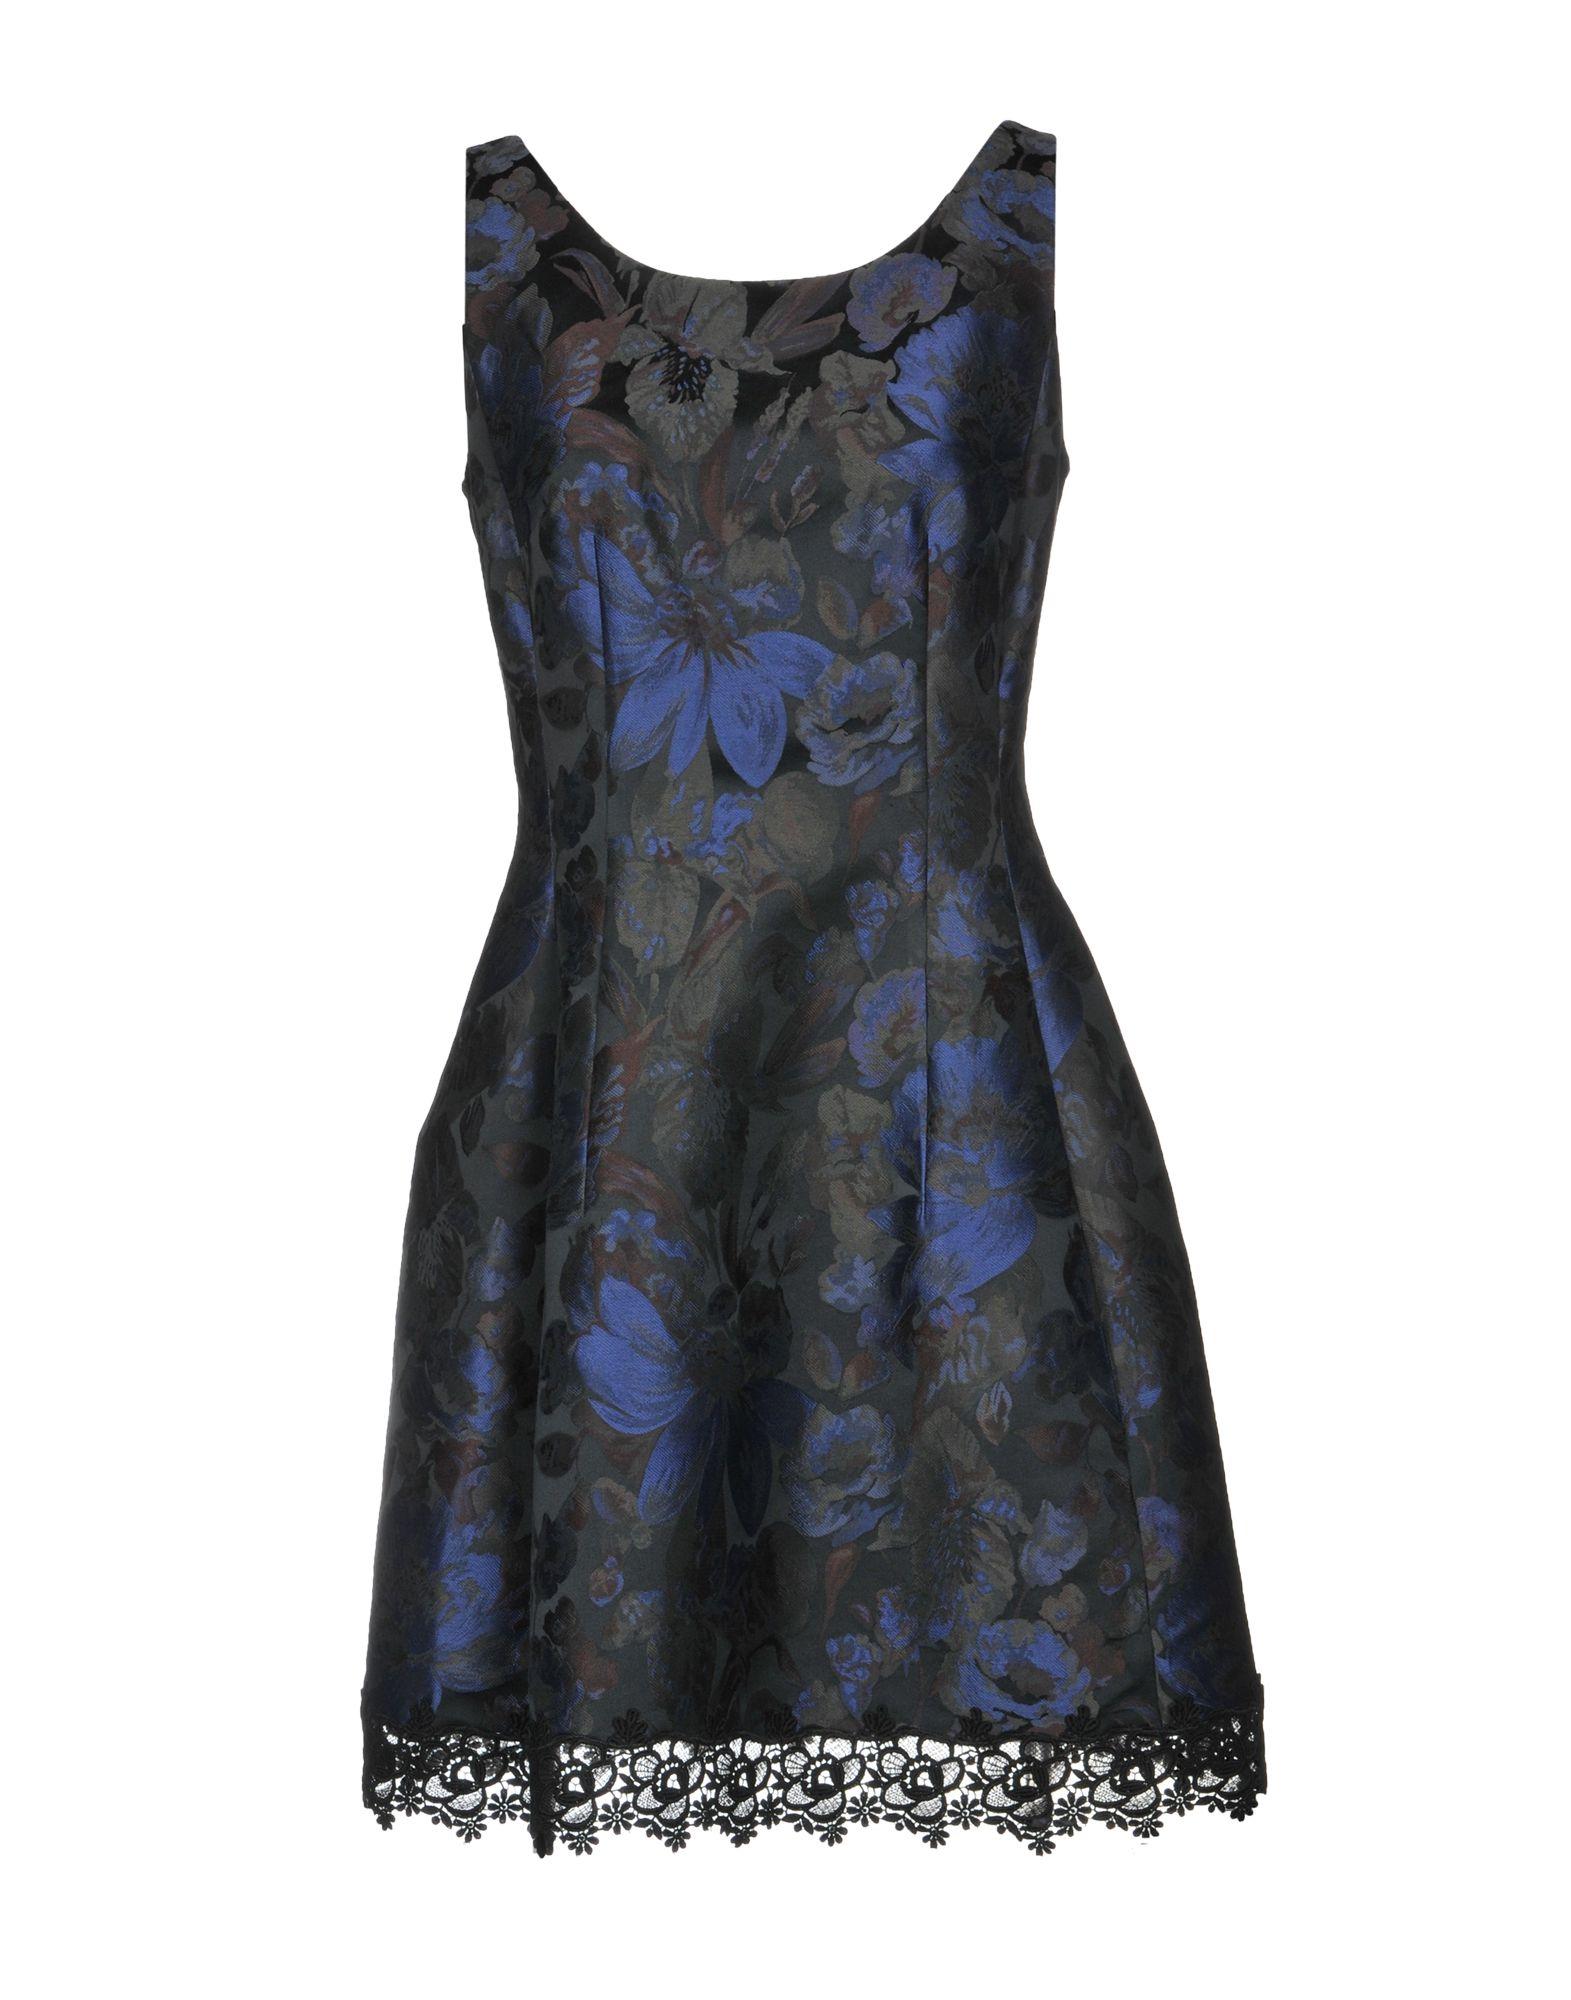 22 MAGGIO by MARIA GRAZIA SEVERI Короткое платье платье без рукавов с кружевной вставкой на спинке